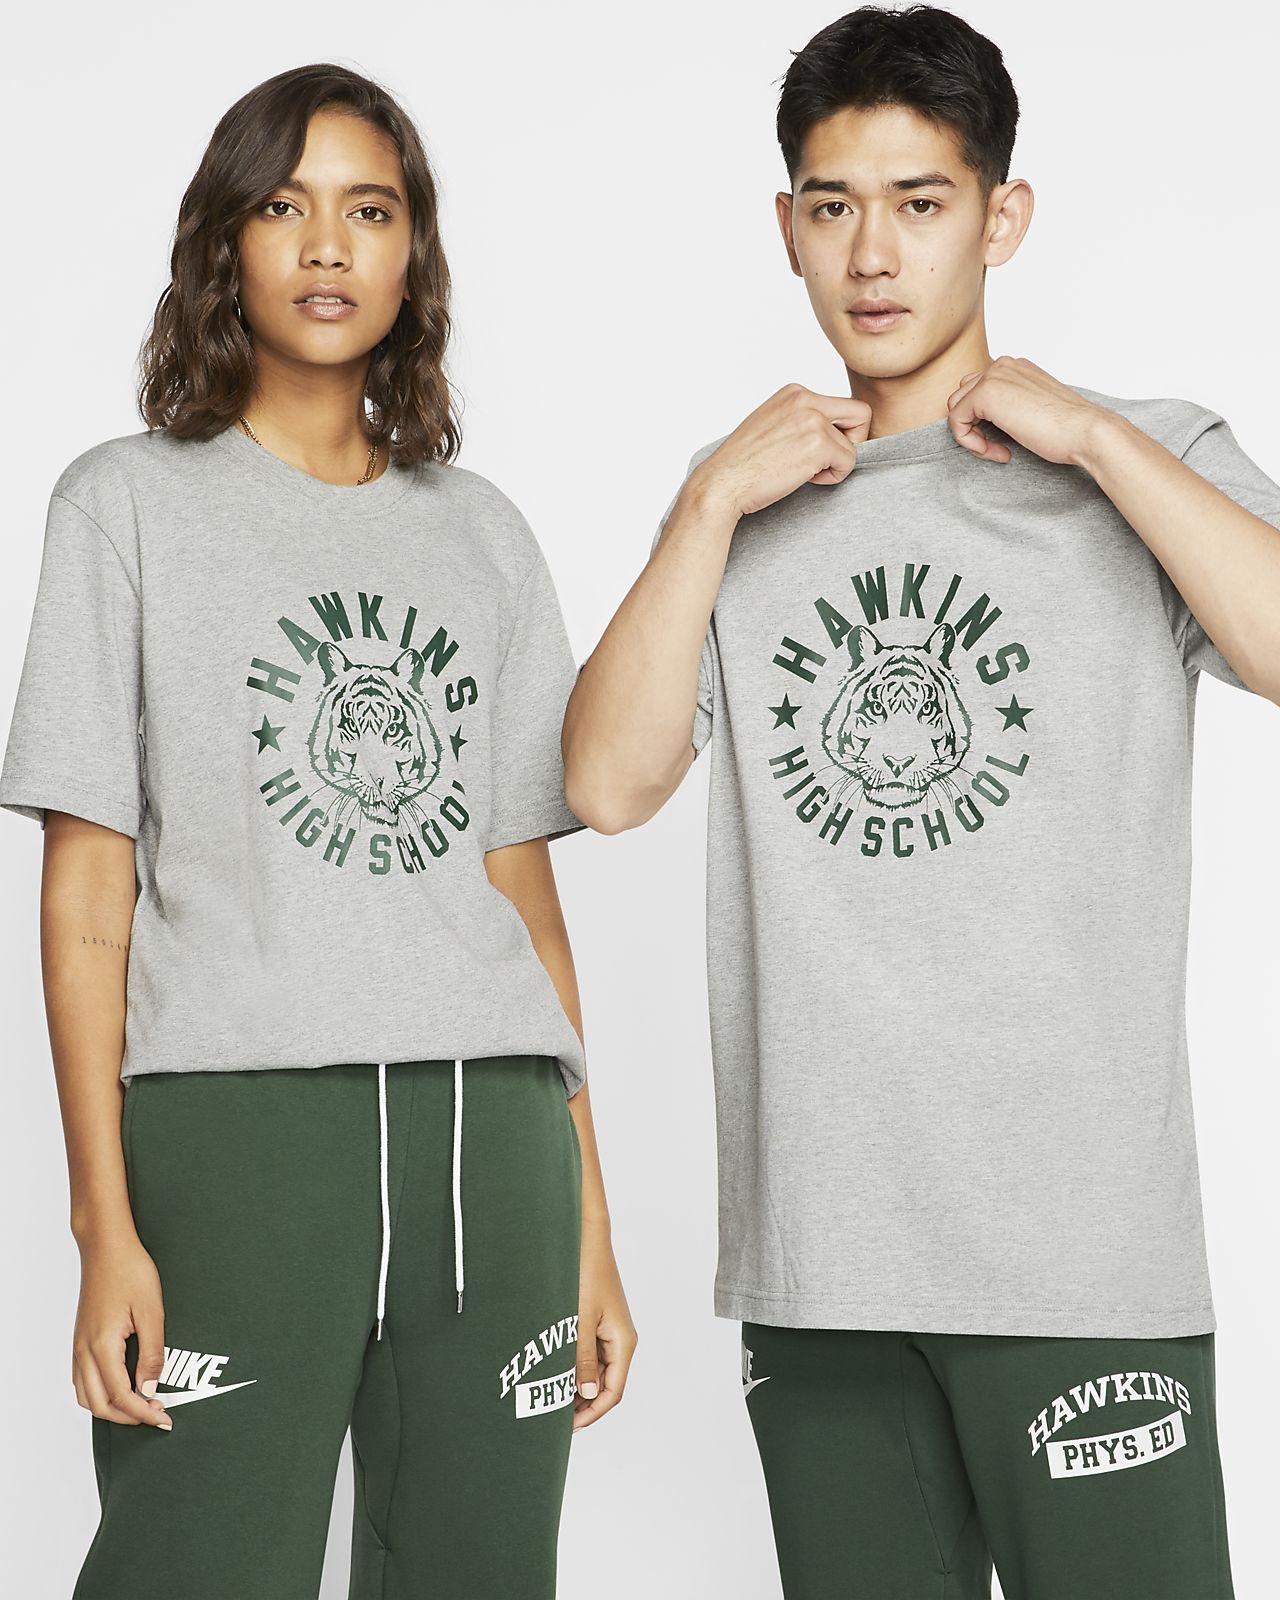 ナイキ x ストレンジャー シングス メンズ Tシャツ